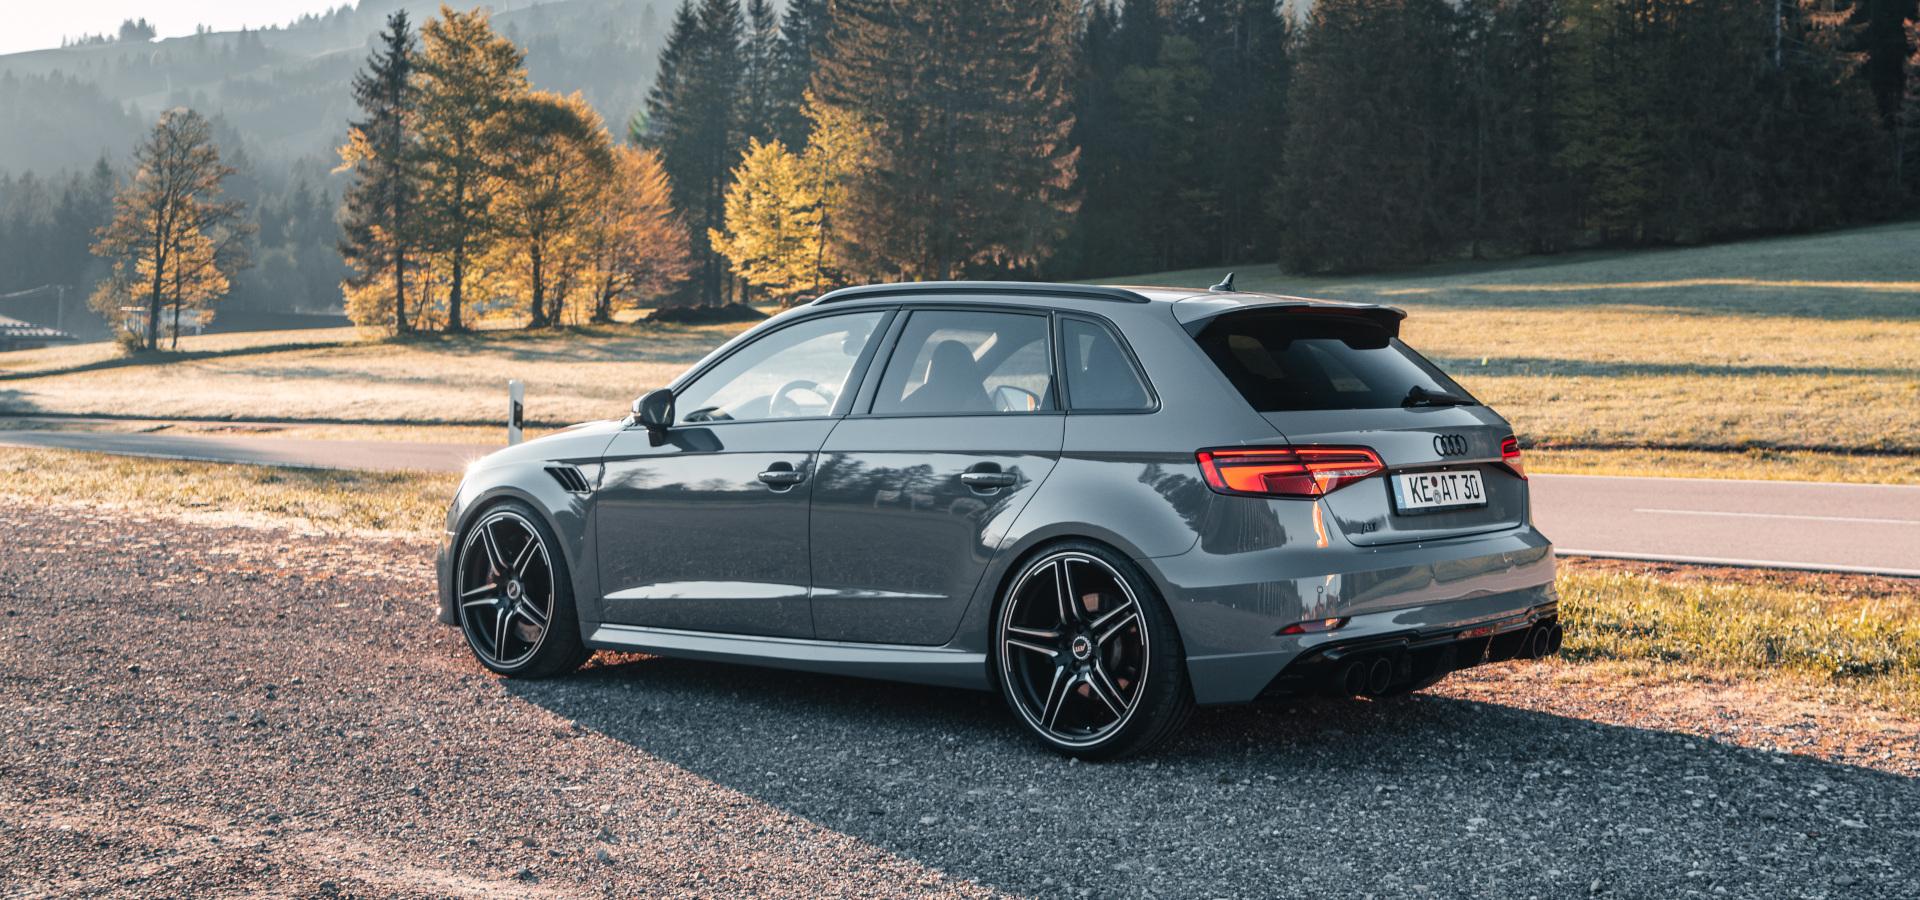 Kelebihan Audi Rs3 Murah Berkualitas